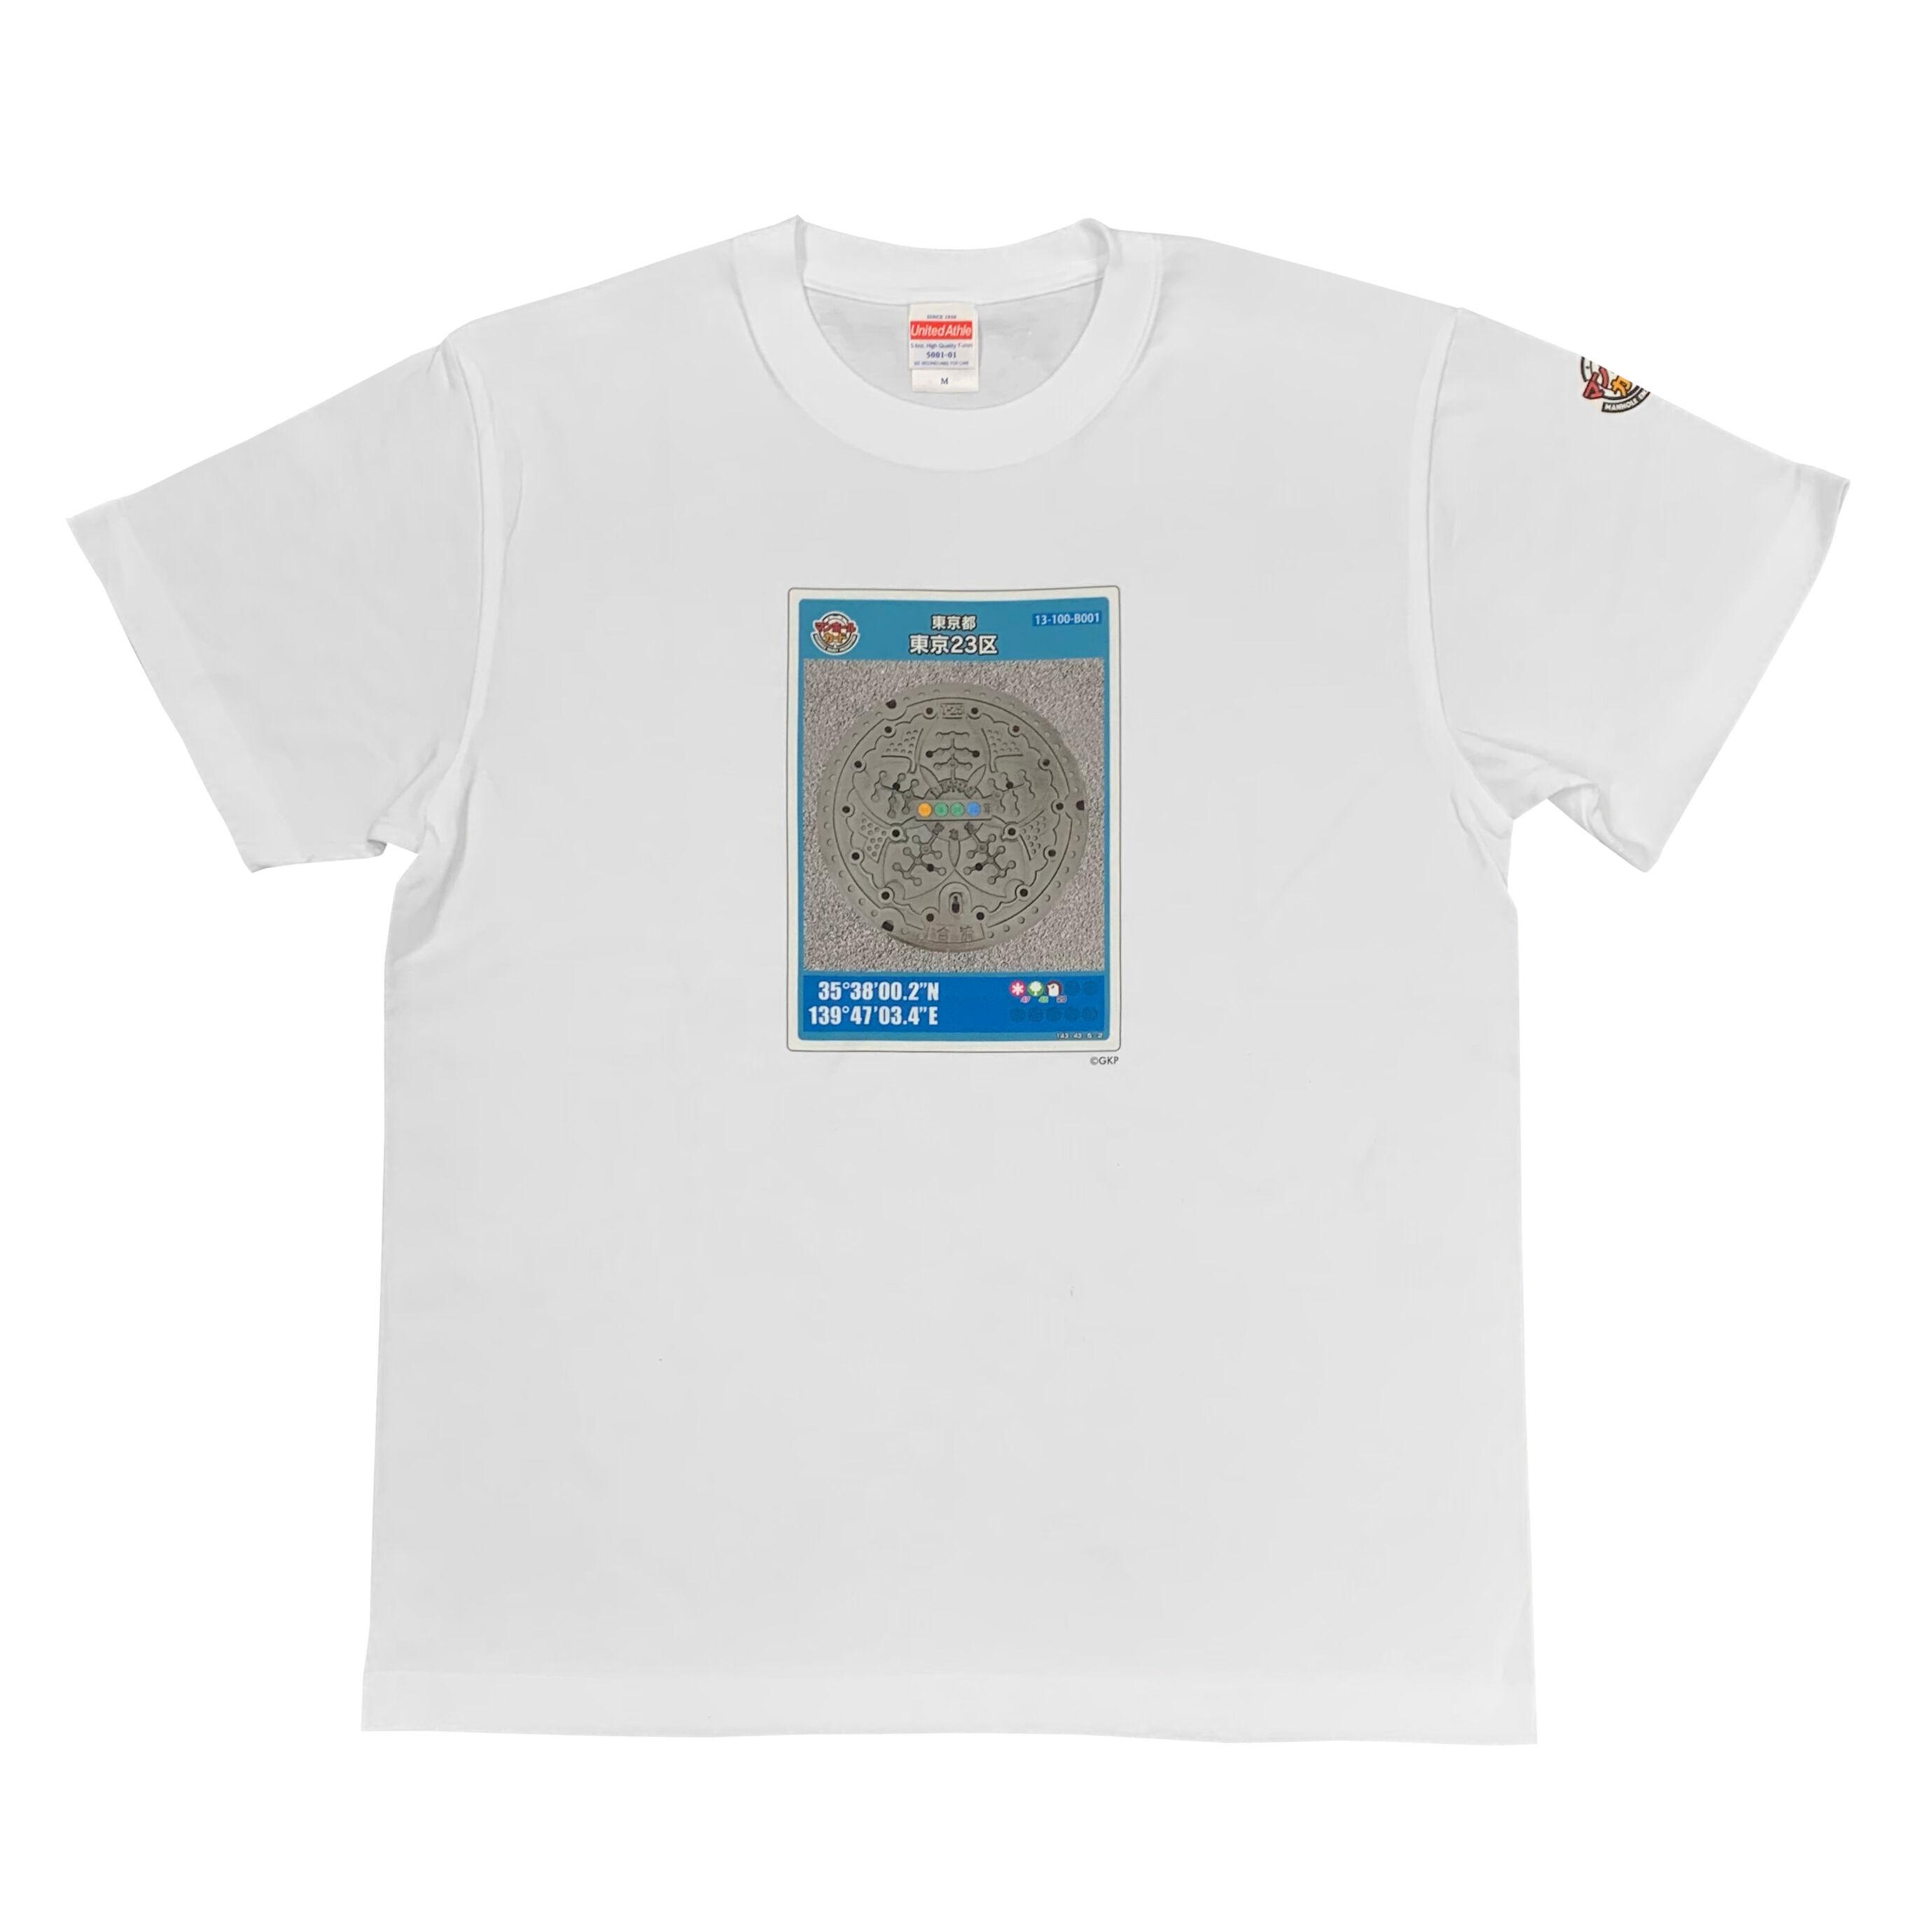 マンホールカード Tシャツ(東京都 東京23区)S~XL【メール便可能】